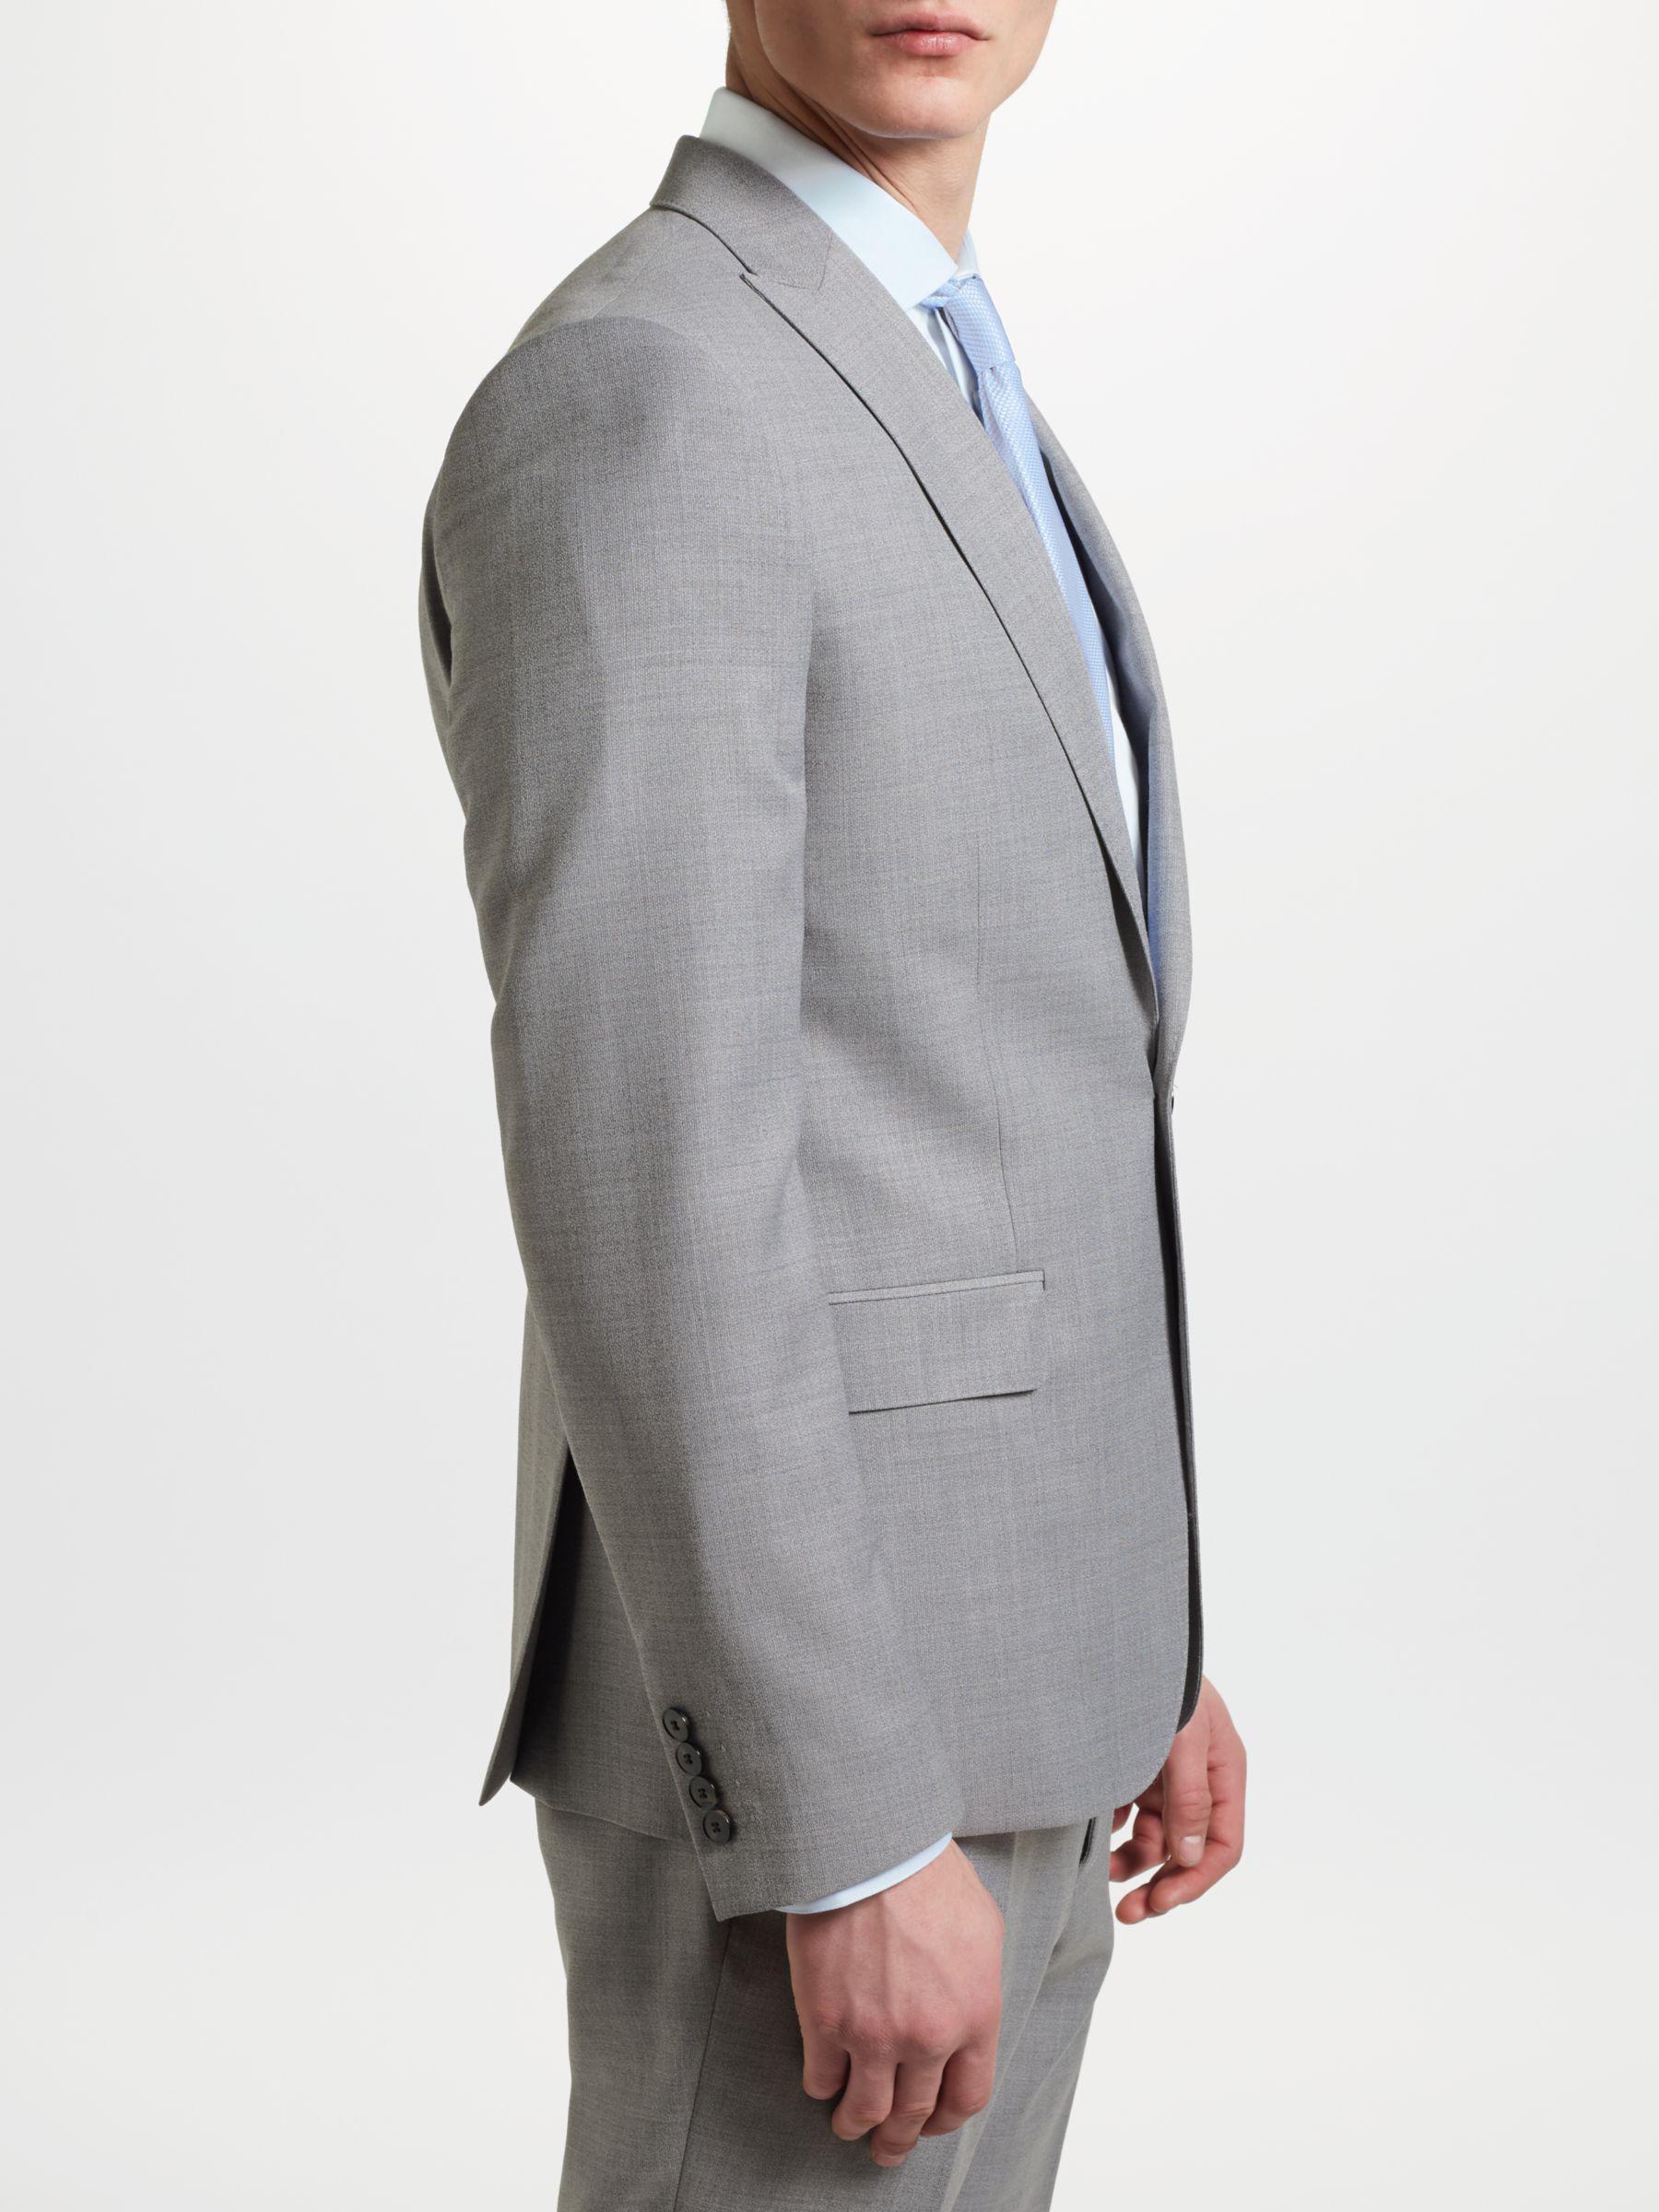 John Lewis Wool Kin By Crepe Slim Fit Suit Jacket in Light Grey (Grey) for Men